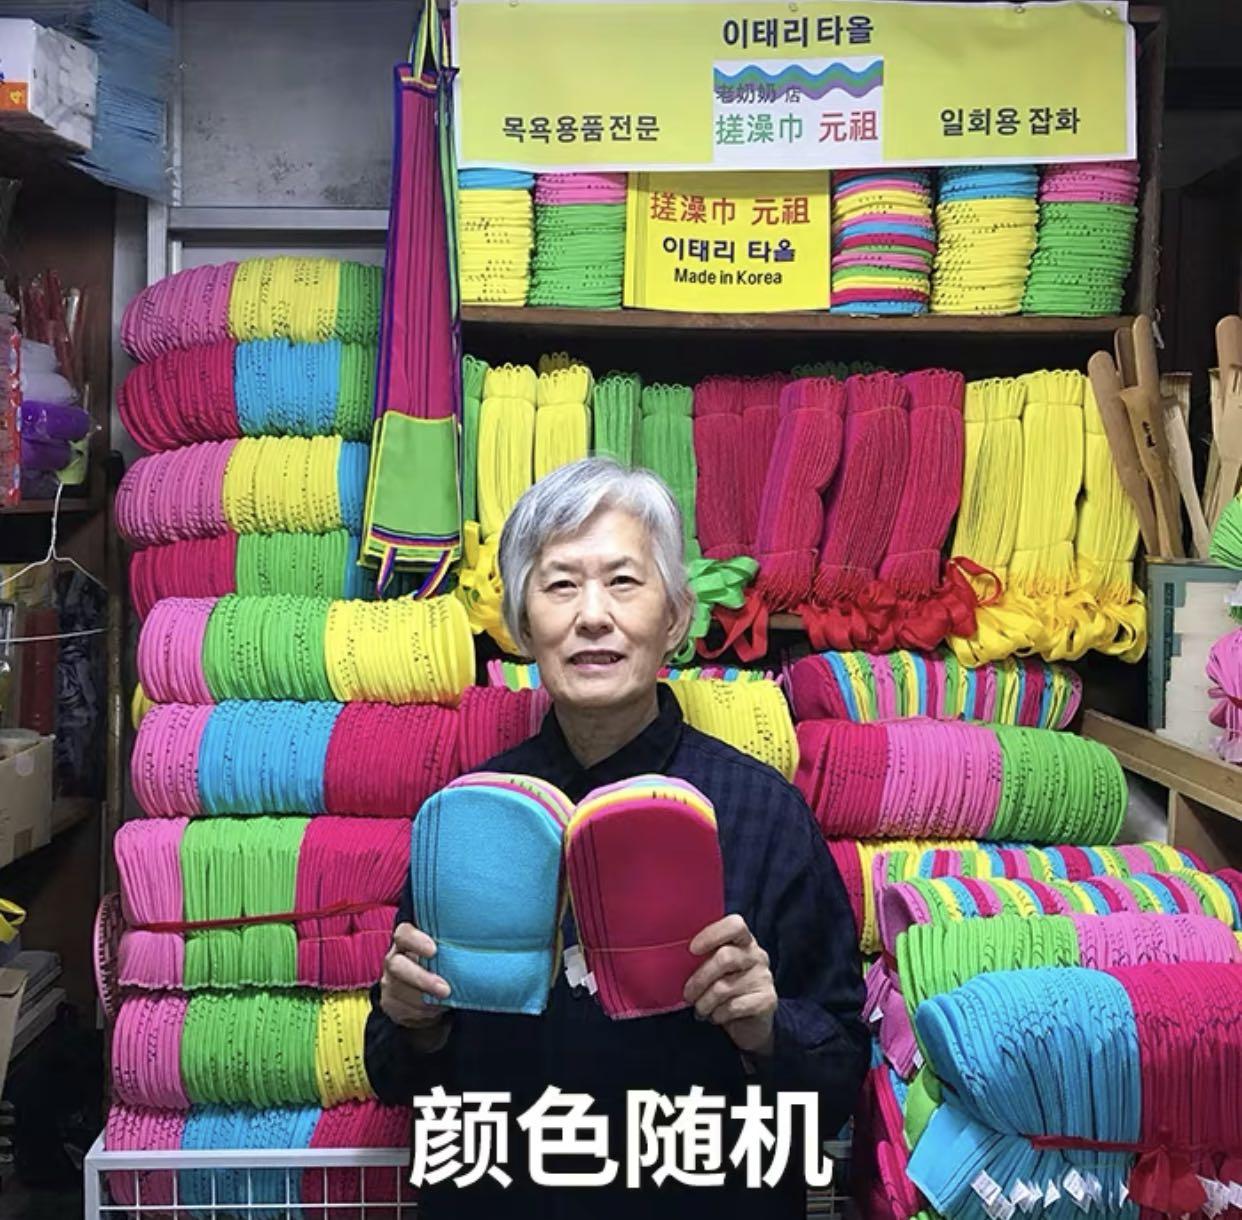 韩国老奶奶不疼细腻搓灰去污浴擦